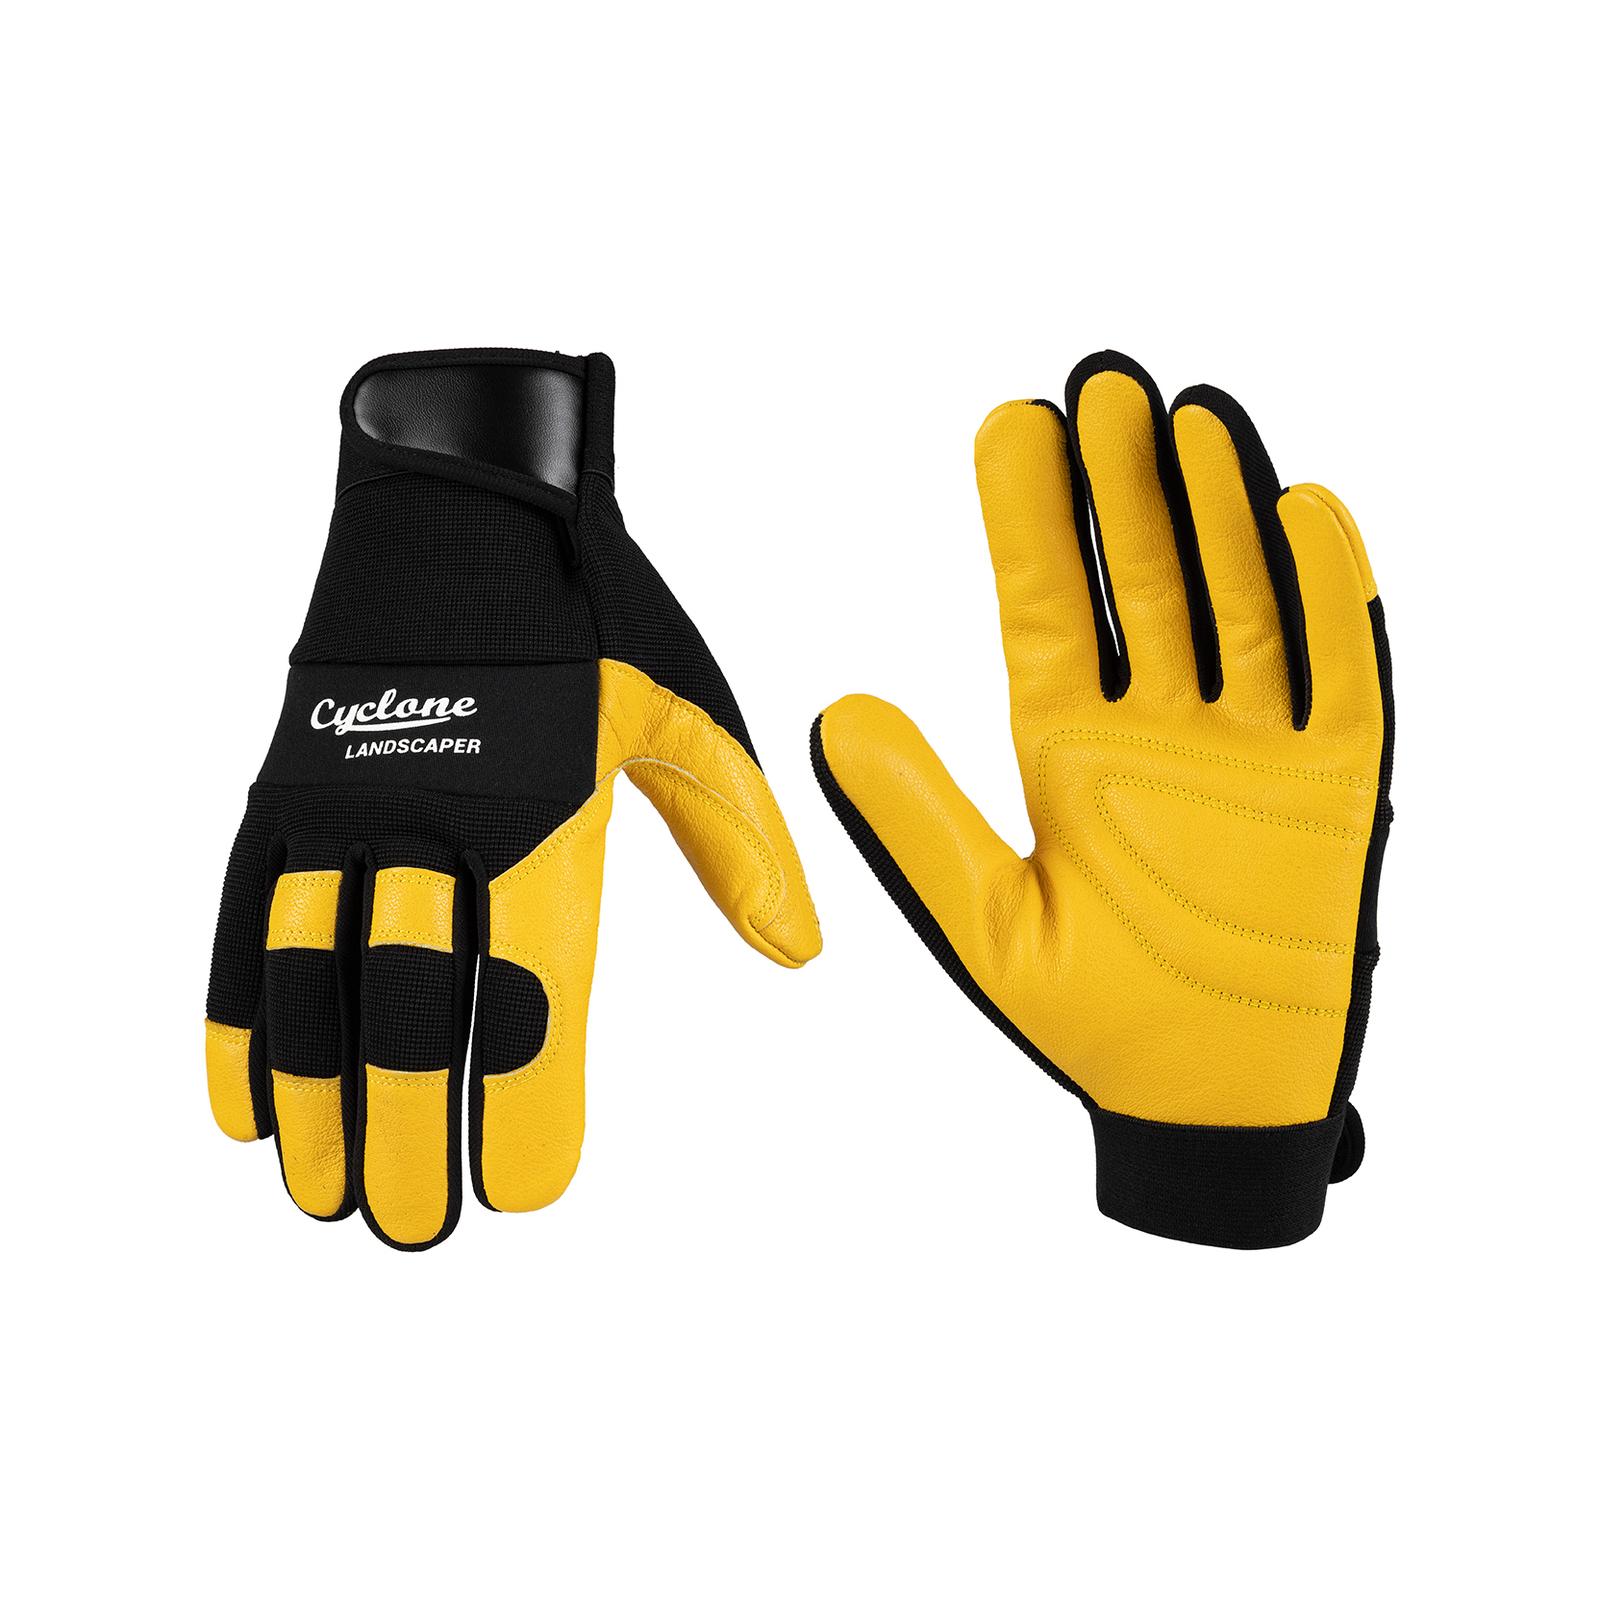 Cyclone Medium Leather Power Garden Gloves